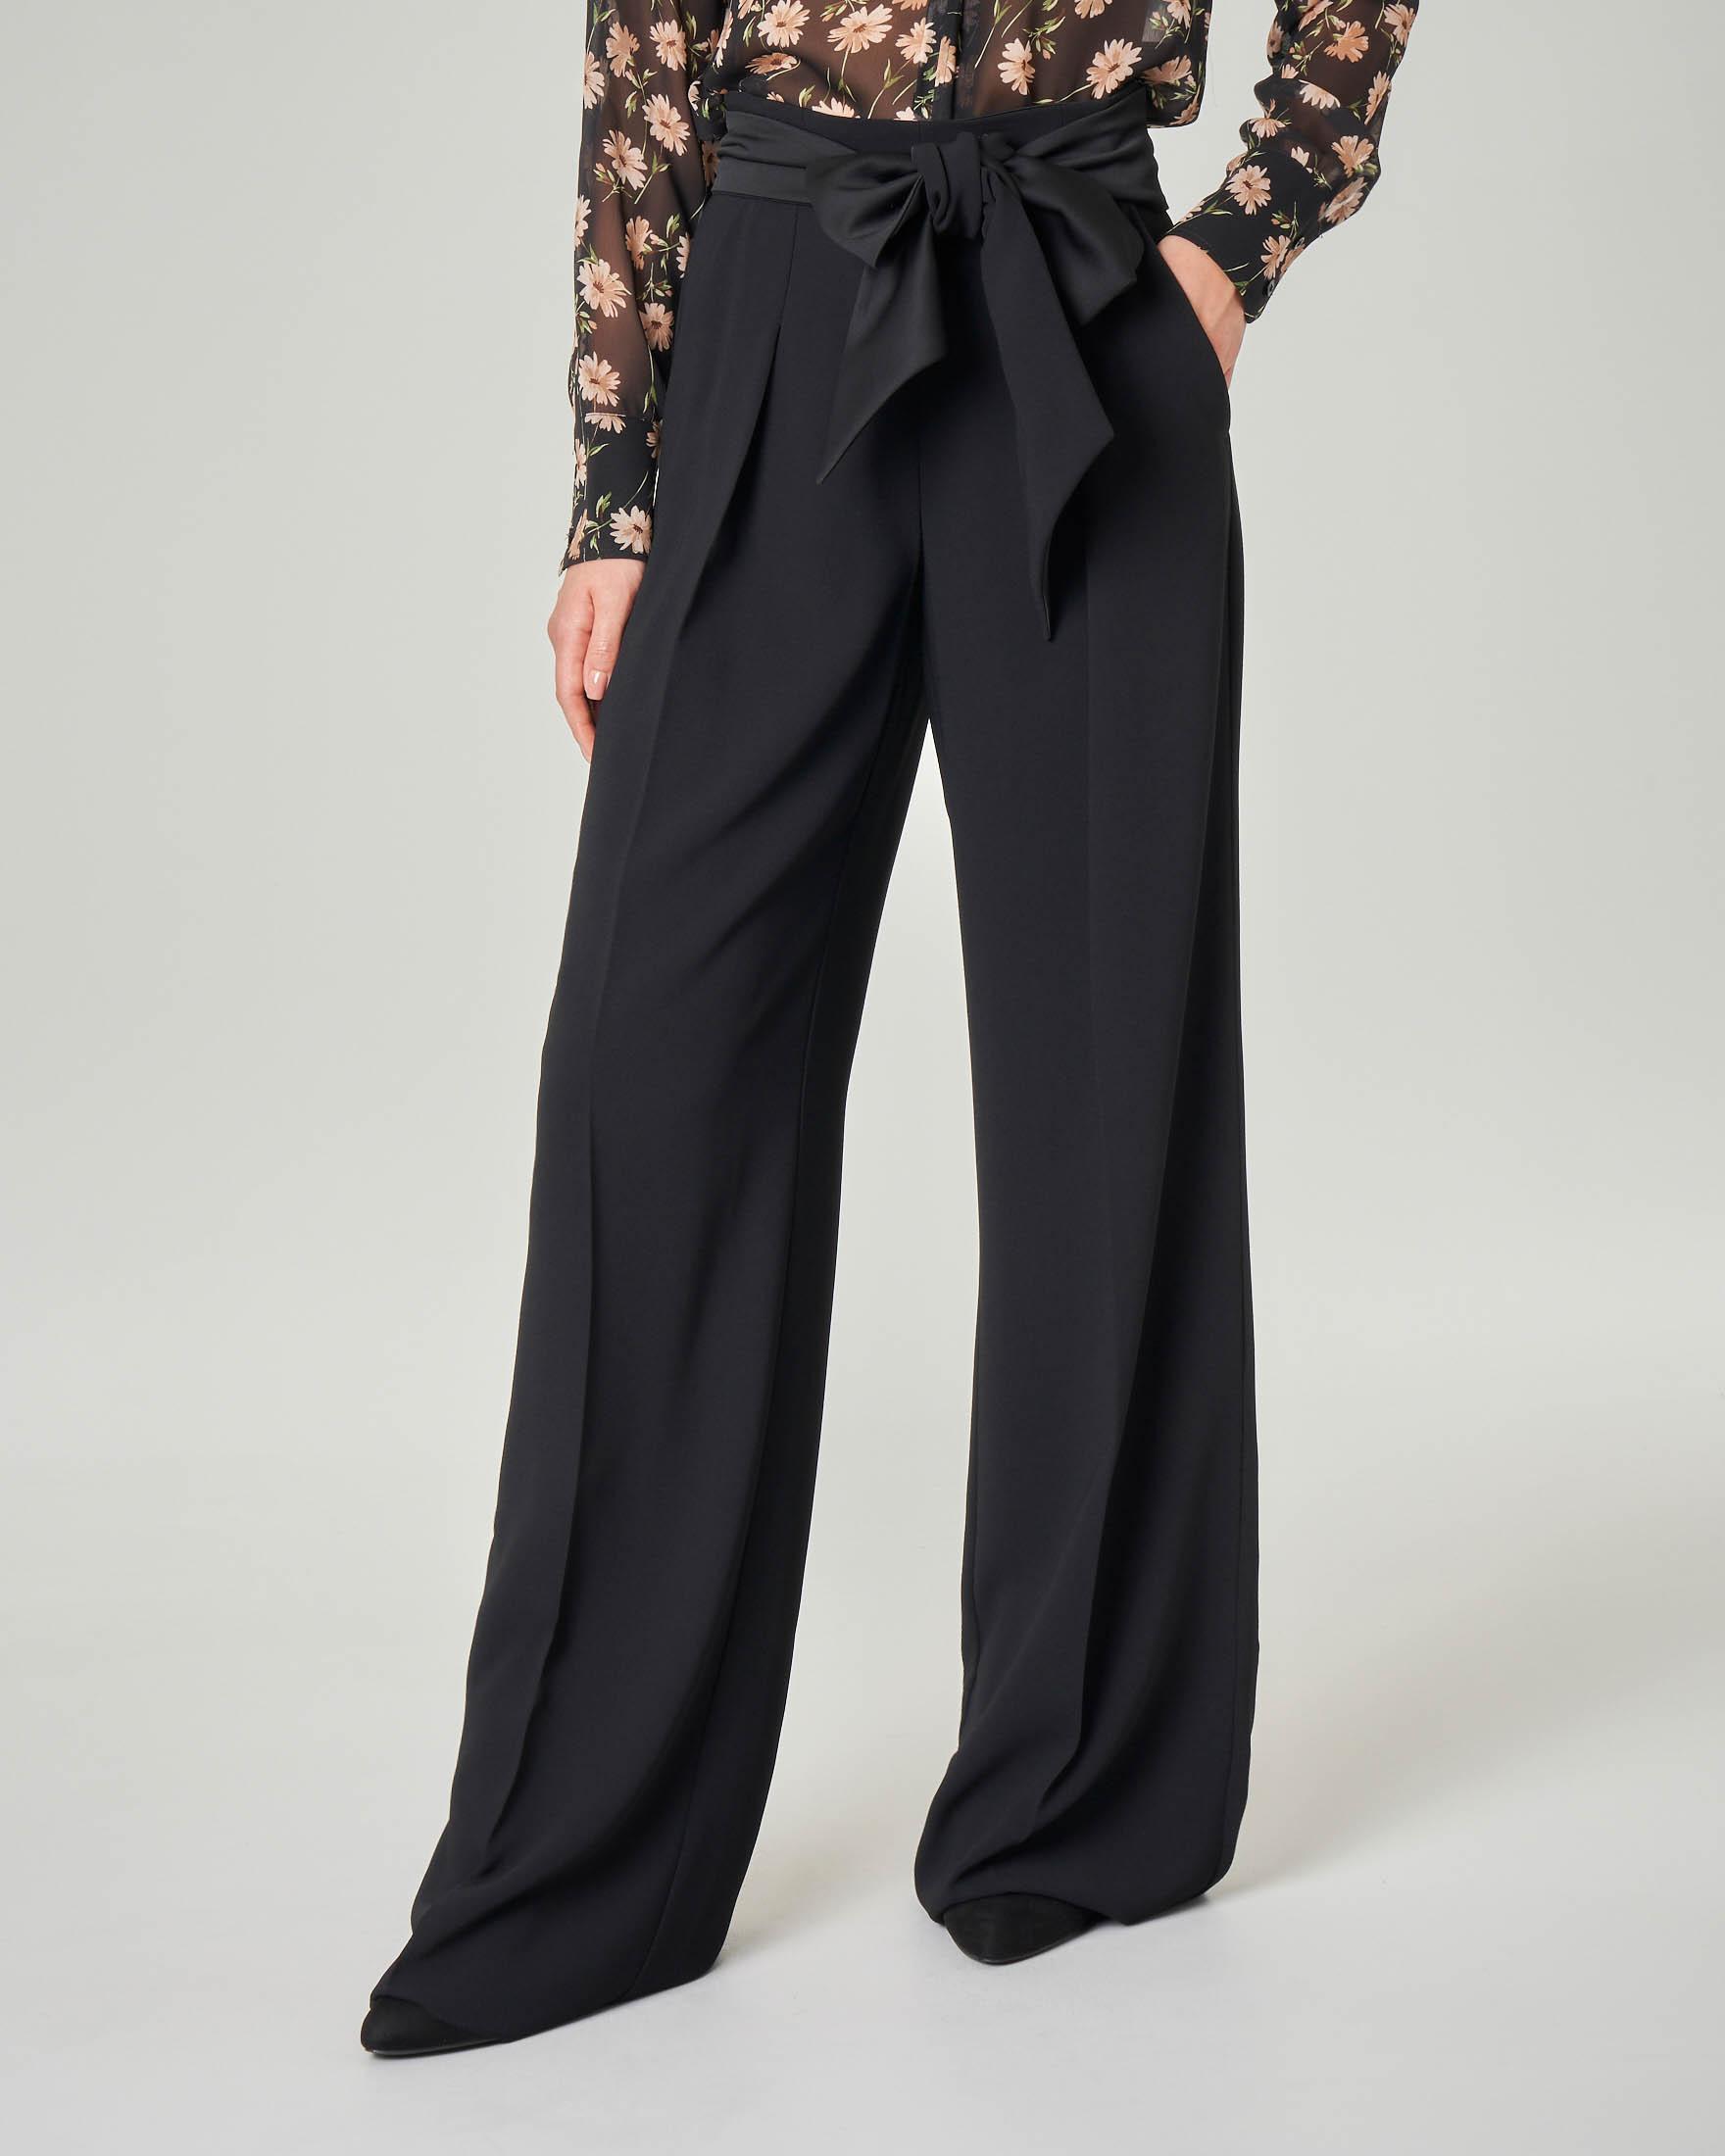 Pantaloni palazzo neri in georgette con pince e fiocco in vita in raso